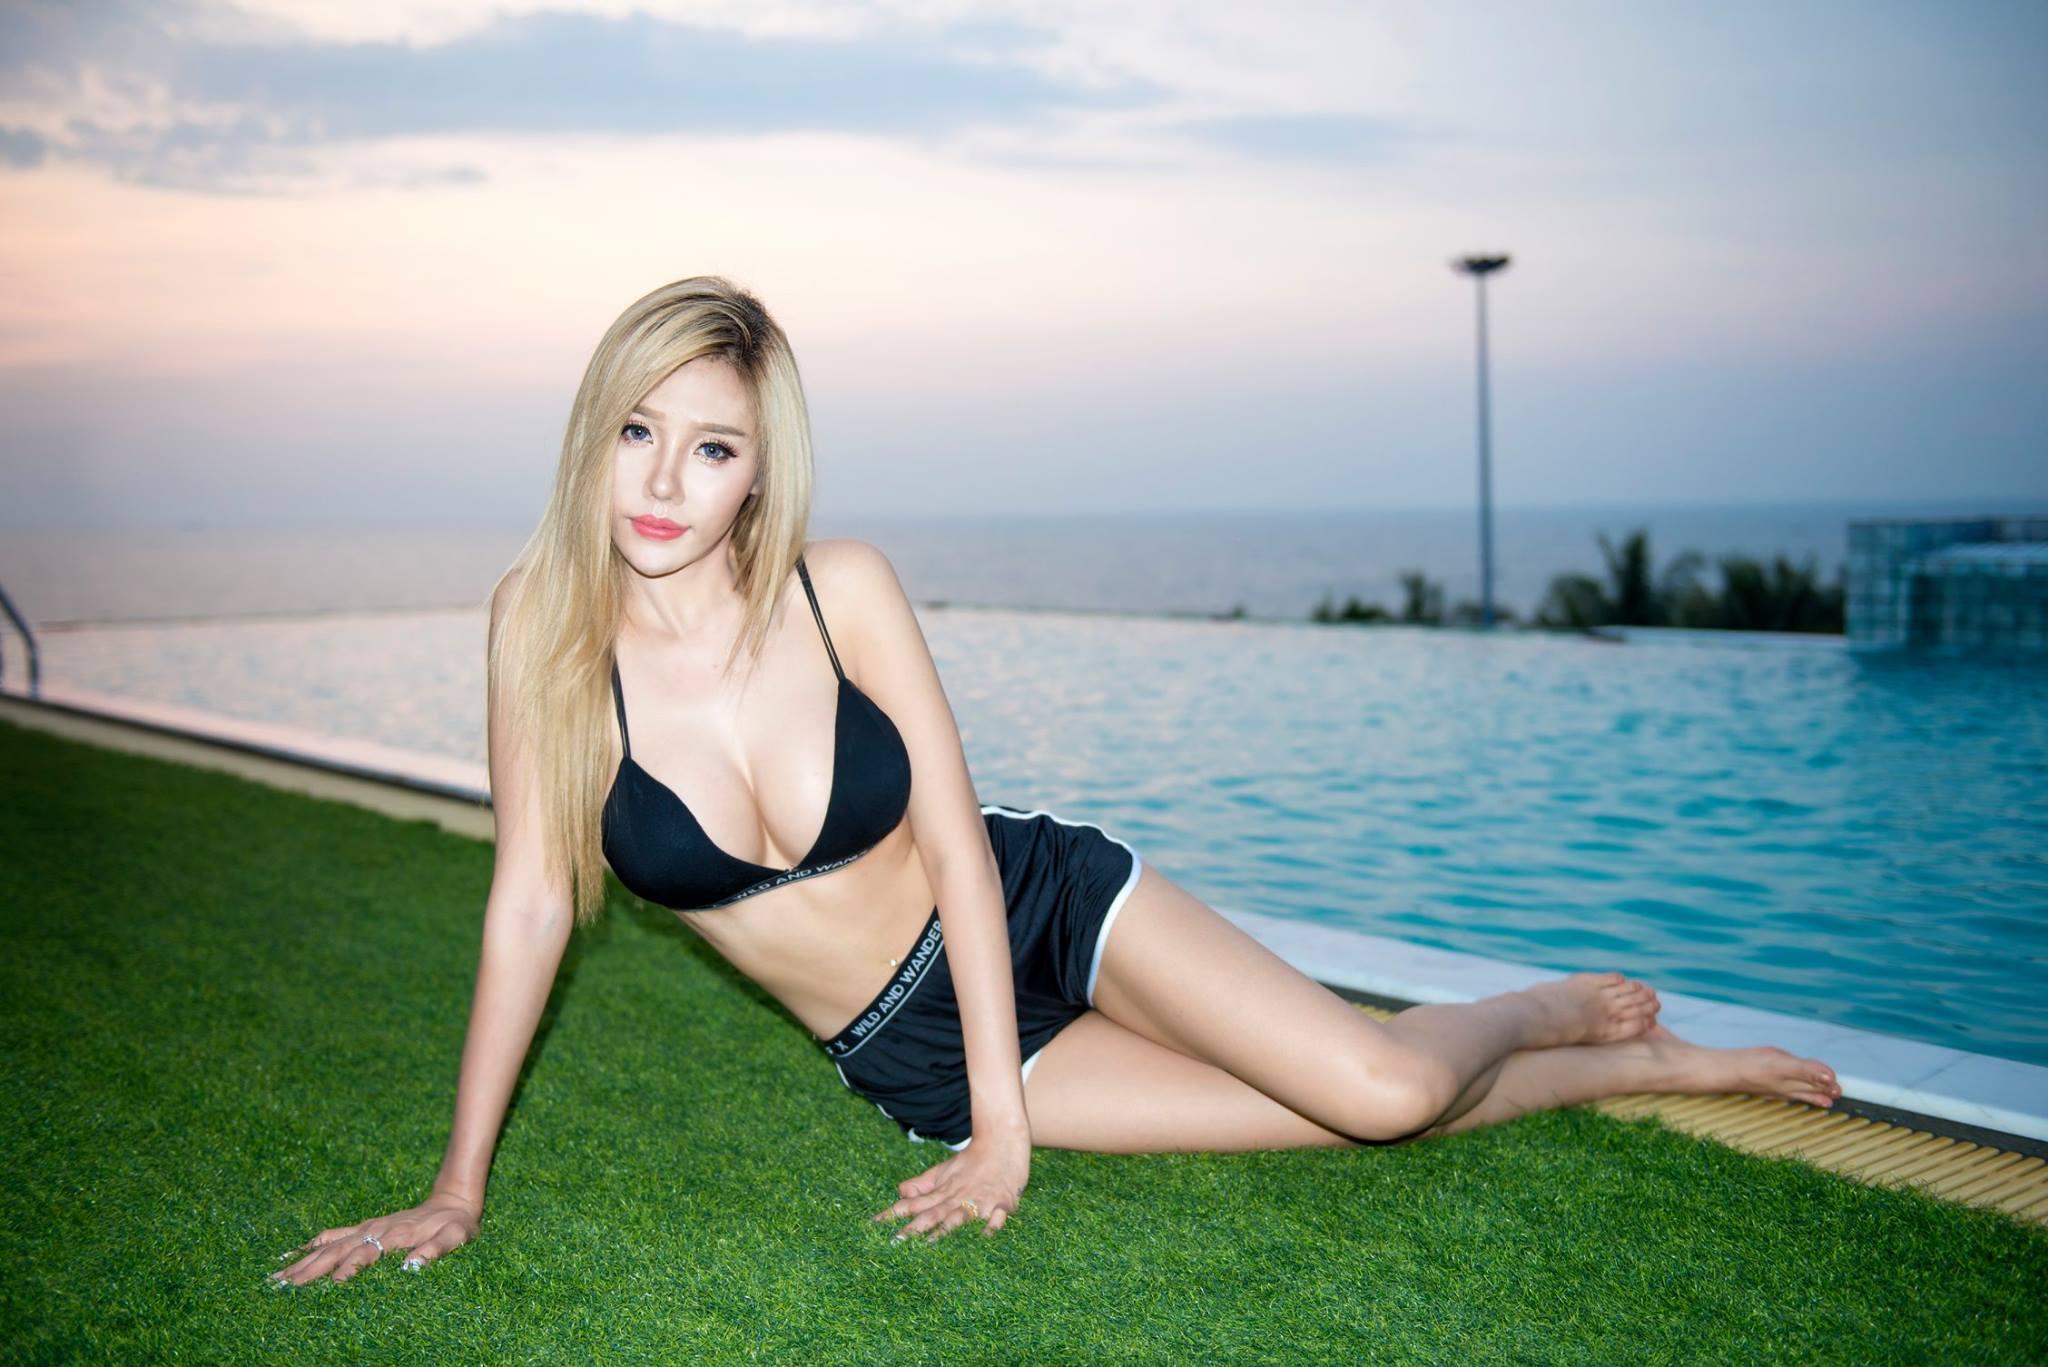 By the Pool - Napichaya Noisong